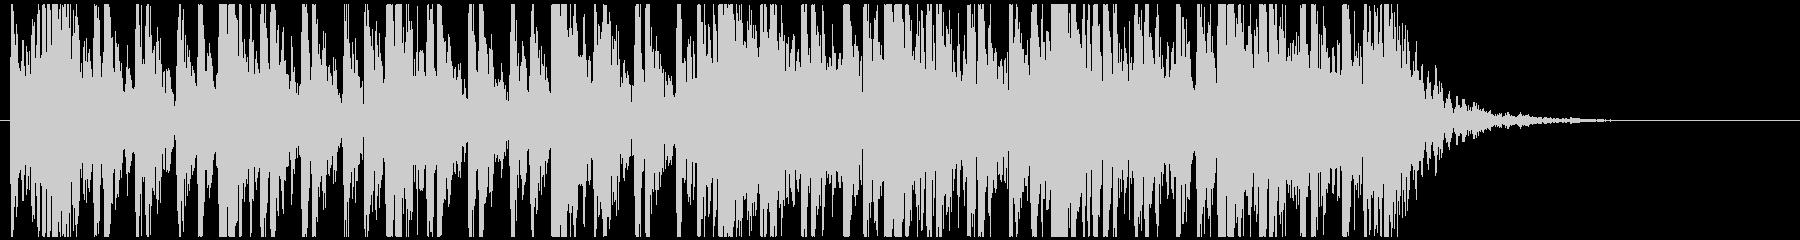 和太鼓のフレーズ3 残響なしの未再生の波形